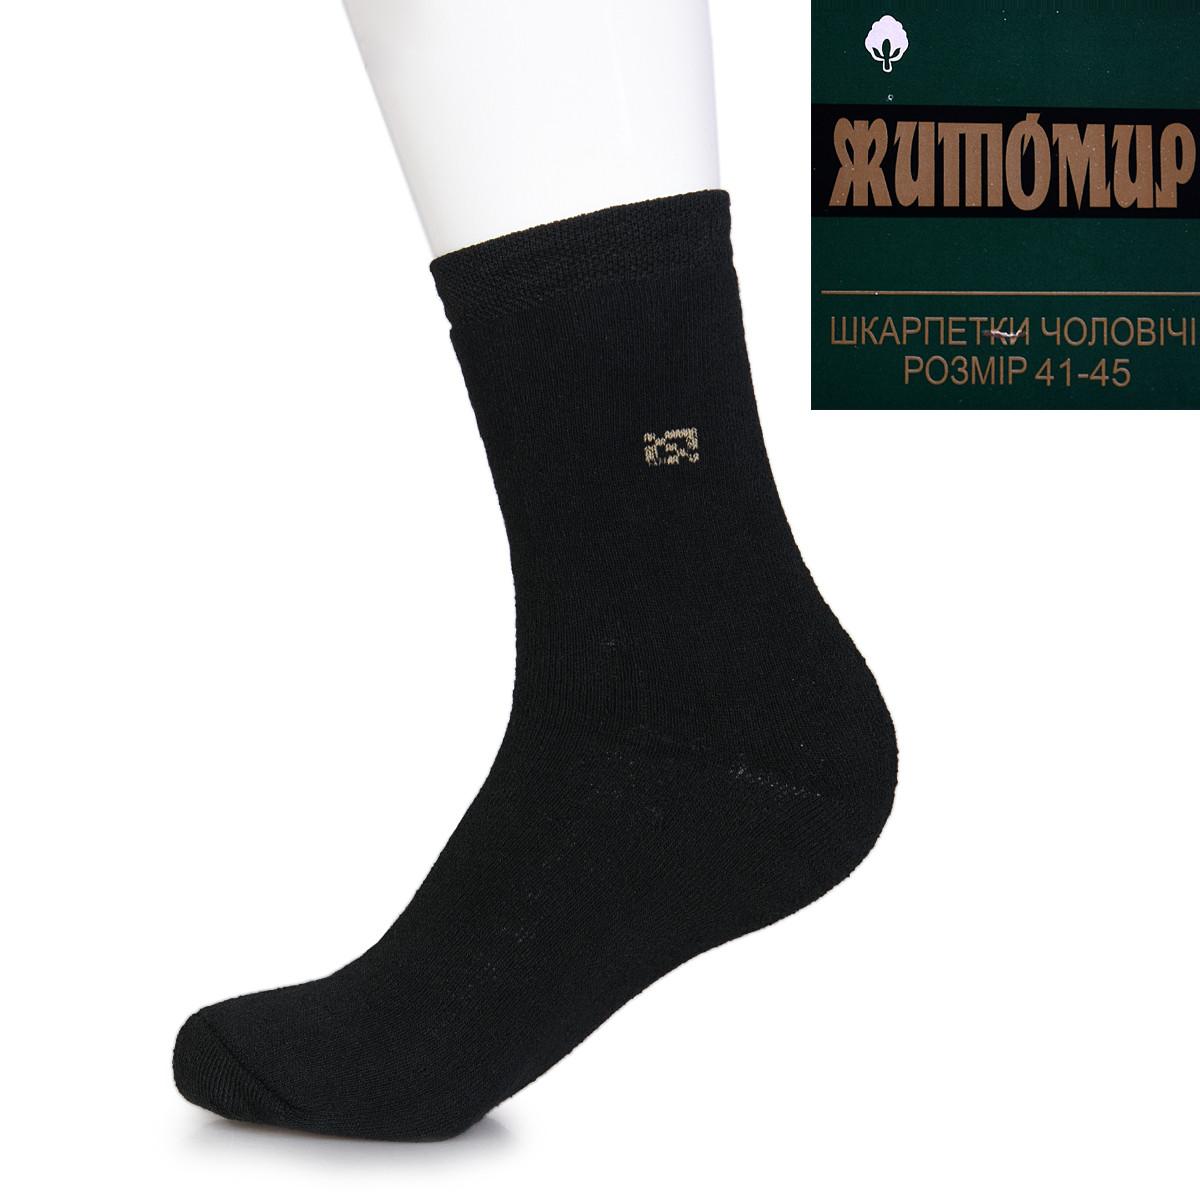 Носки мужские махровые Житомир 41-45 198-2Mdrn  носки  Украина